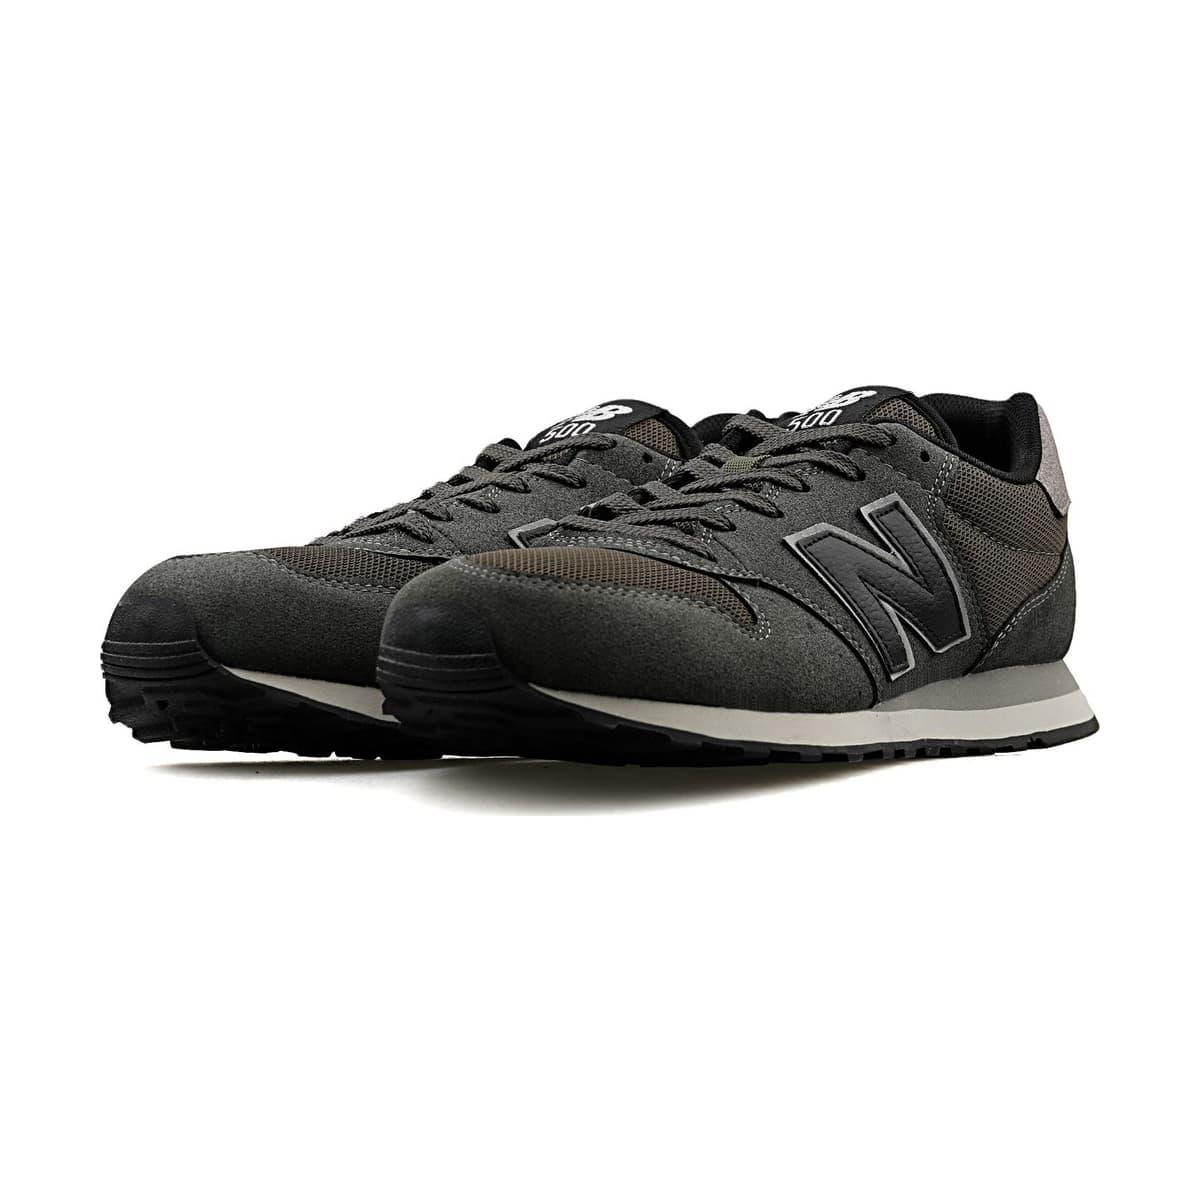 500 Erkek Gri Spor Ayakkabı (GM500TGG)